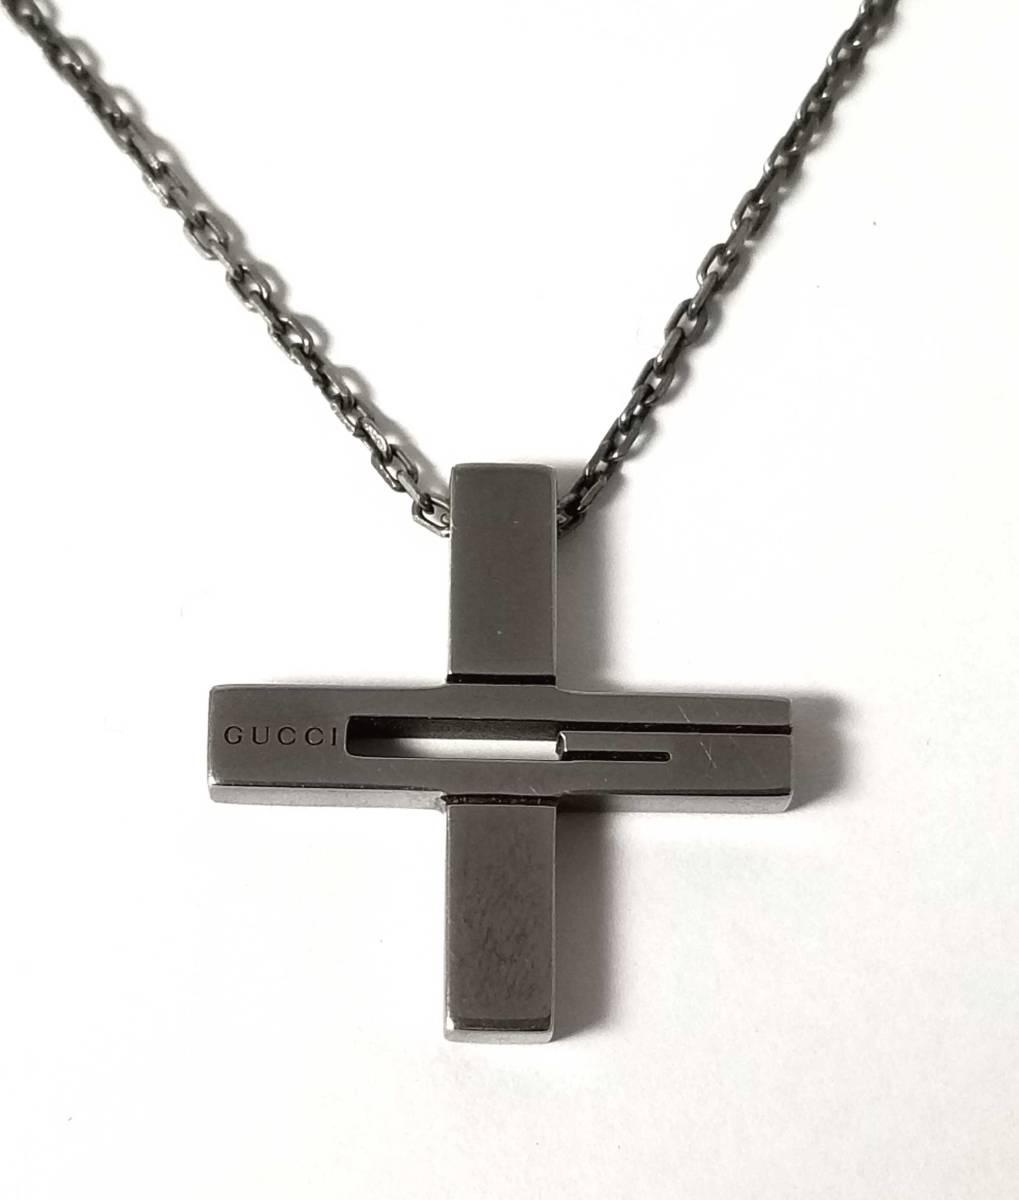 グッチ ネックレス クロス ペンダント 十字 SV925 十字架 シルバー カットアウトG ガンメタ メンズ GUCCI 【中古】